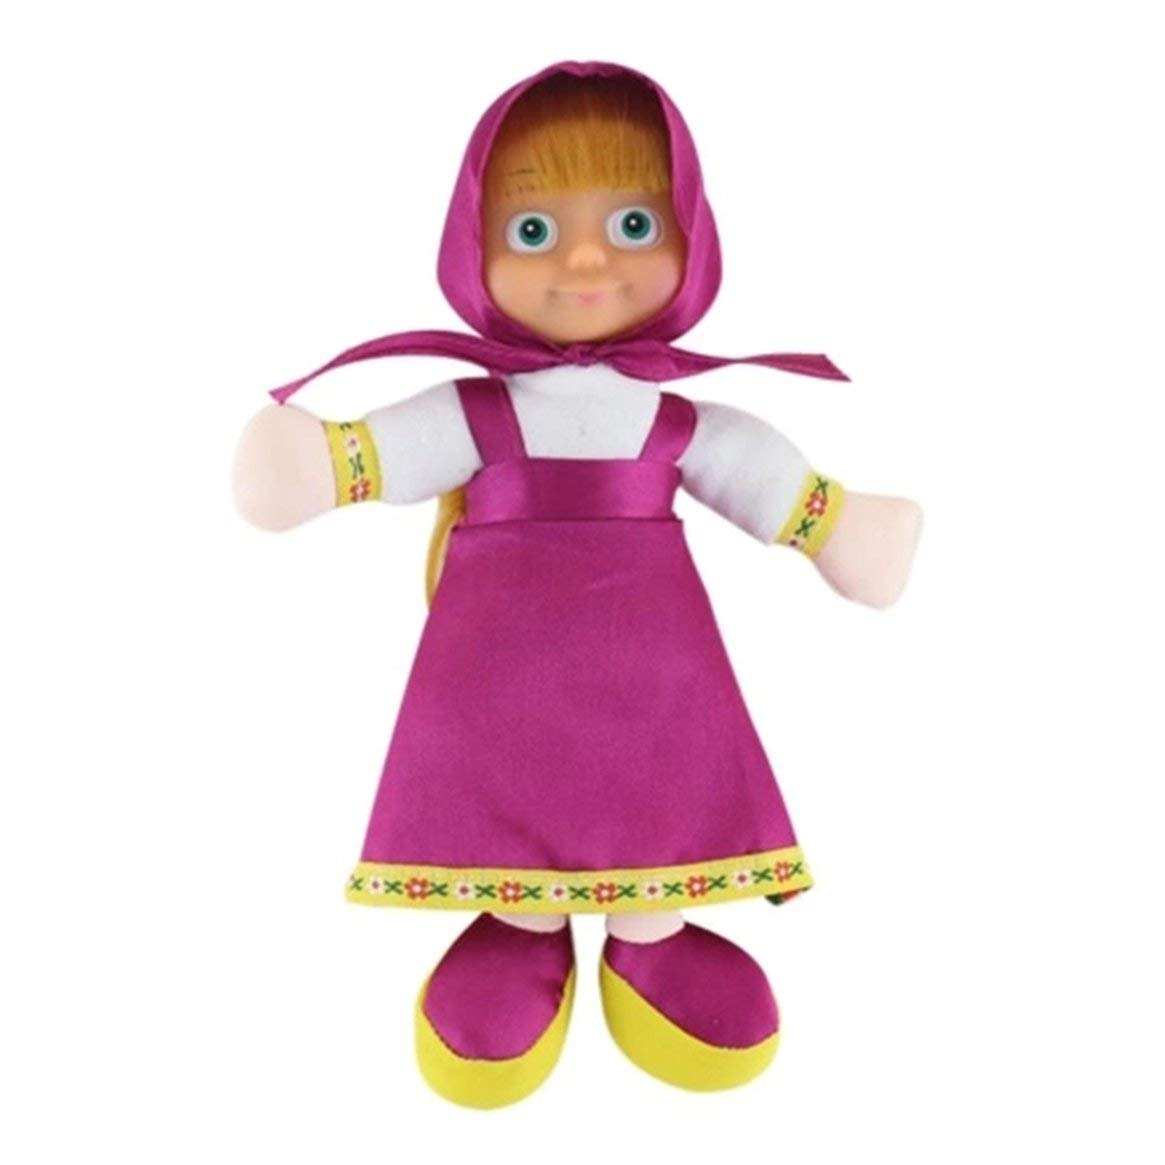 Amazon.es: Delicacydex 22 Muñecas de Felpa Masha Populares ...